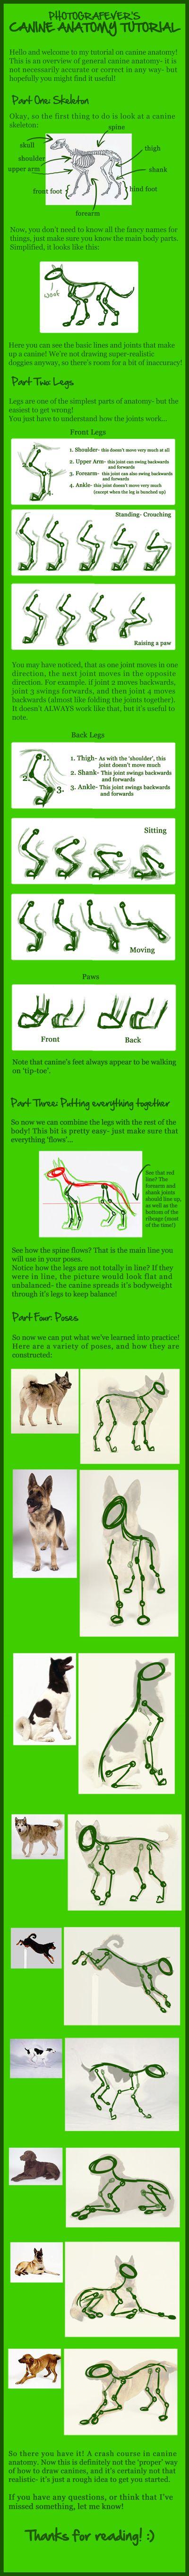 Basic canine anatomy